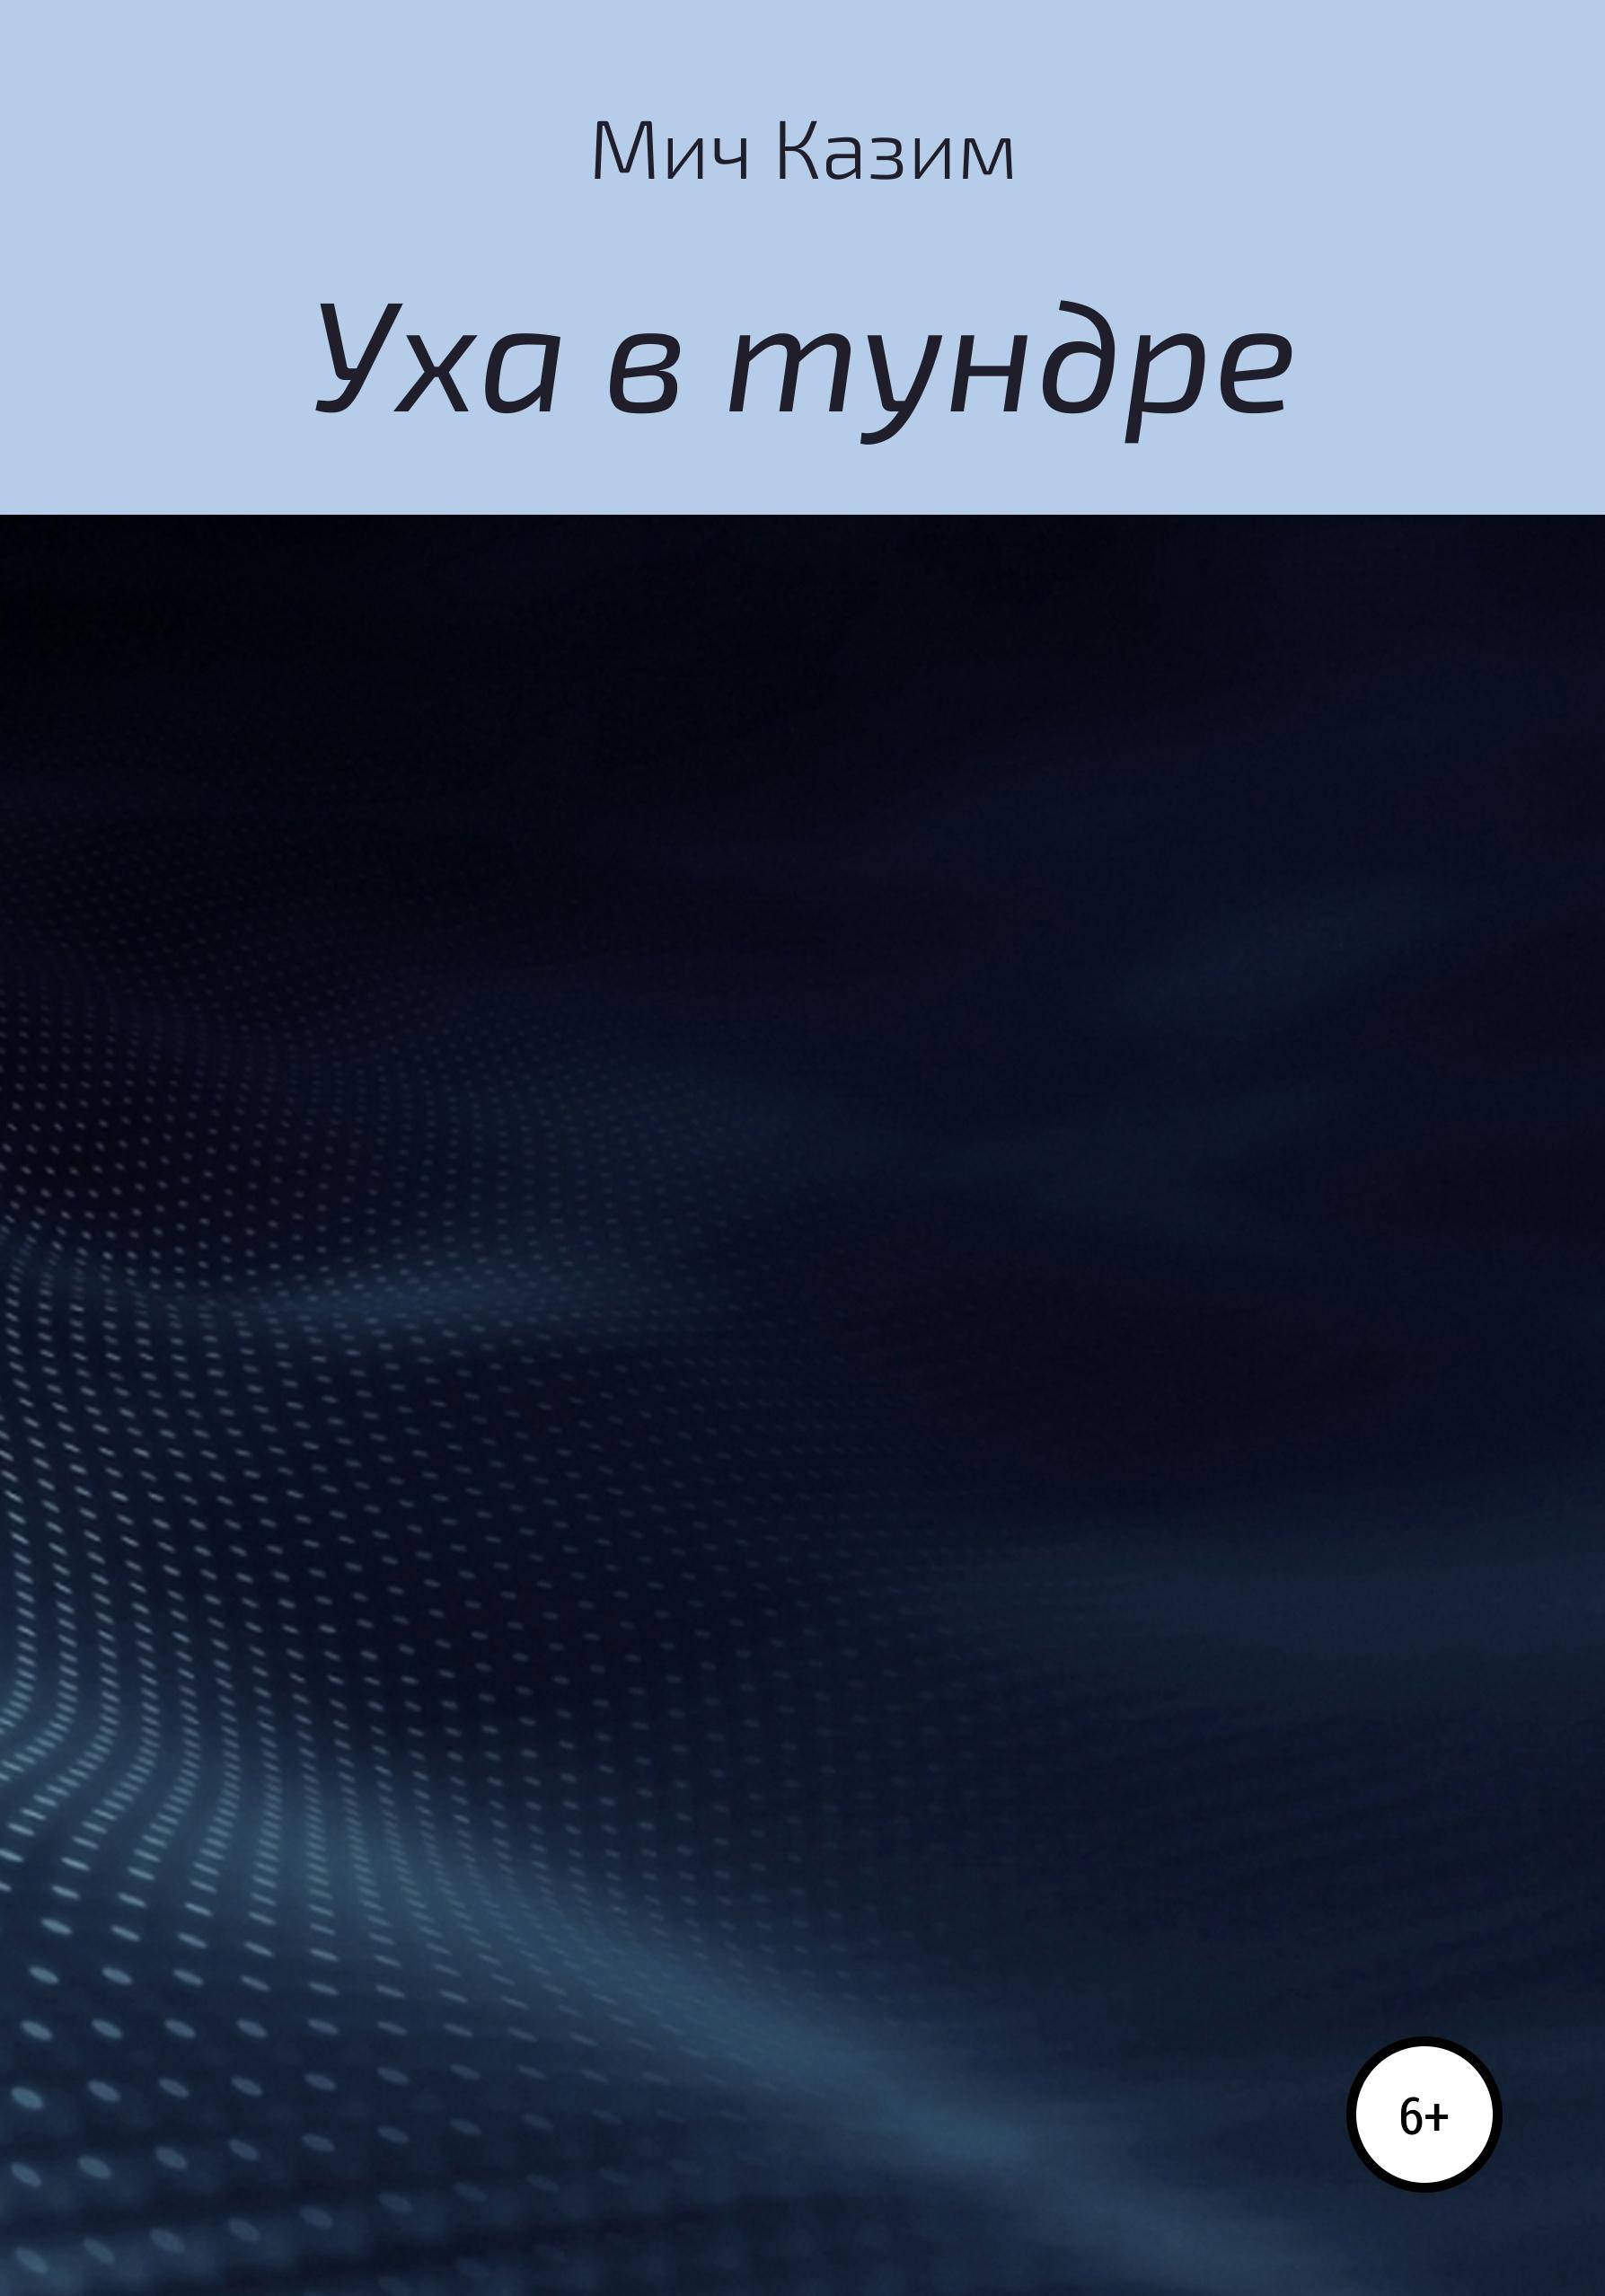 Мич Казим - Уха в тундре